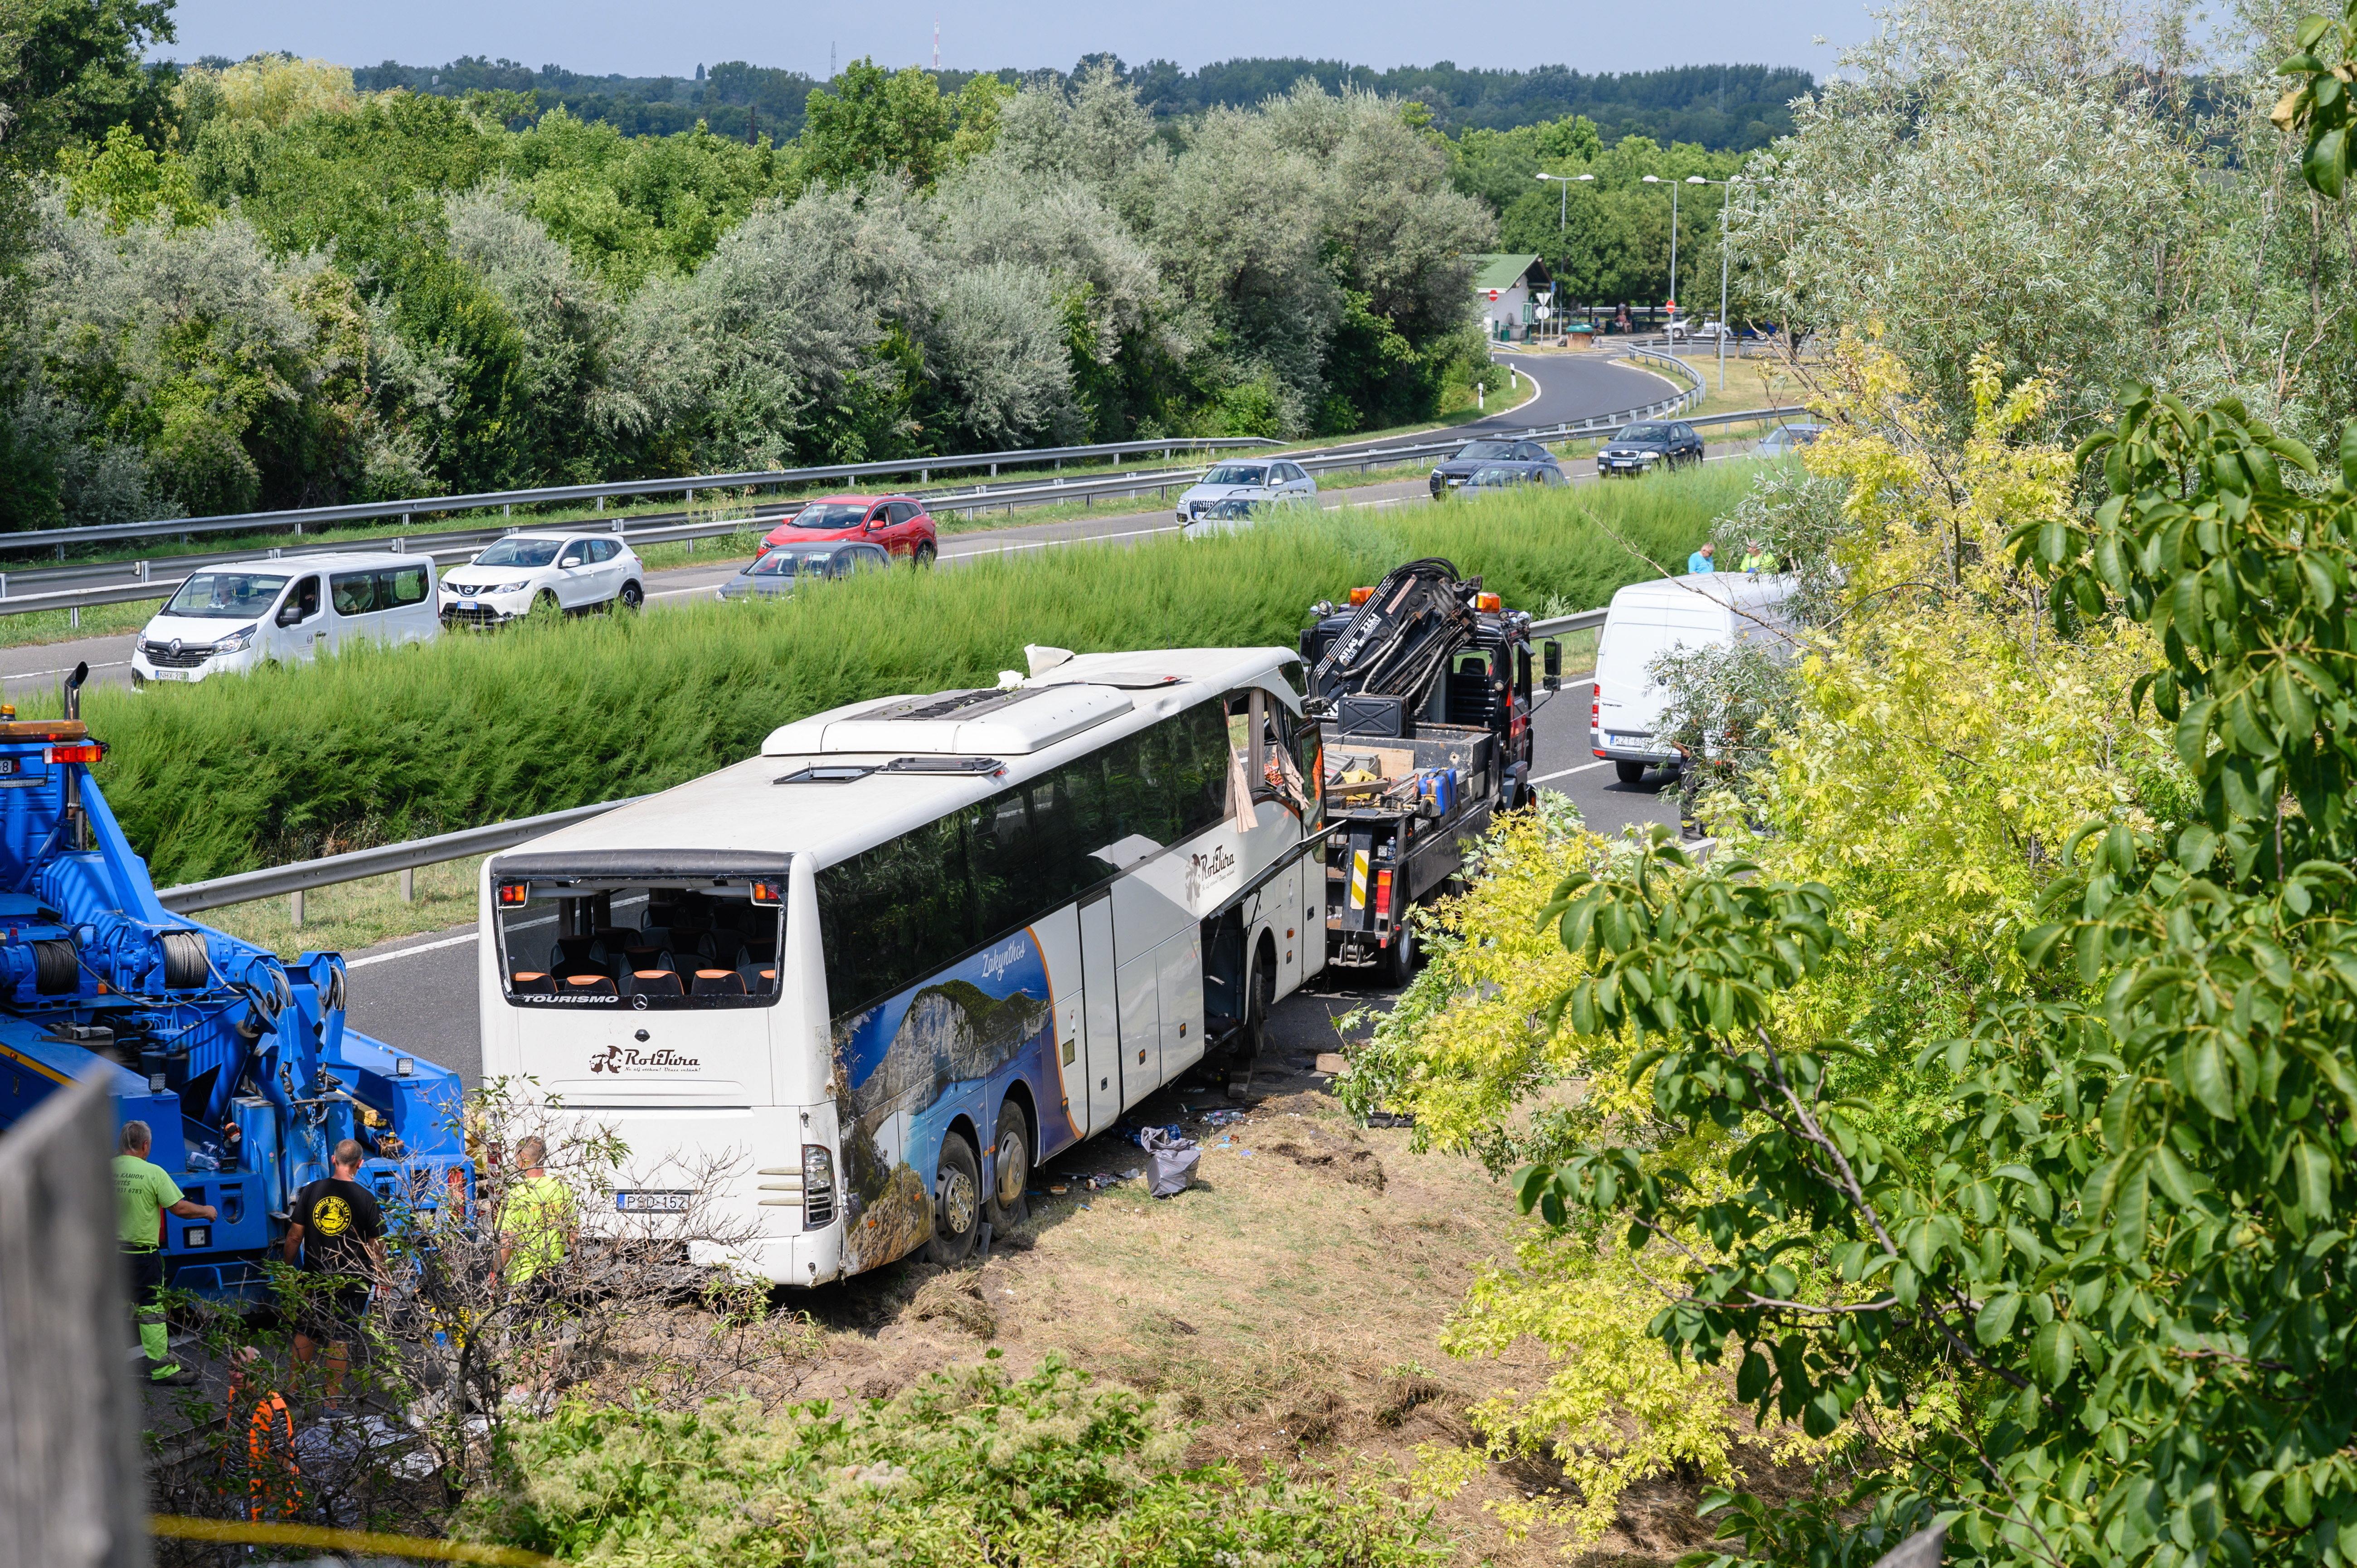 Közös nyilatkozatot adtak ki a tragédiával végződő, horvátországi buszos utazás szervezői